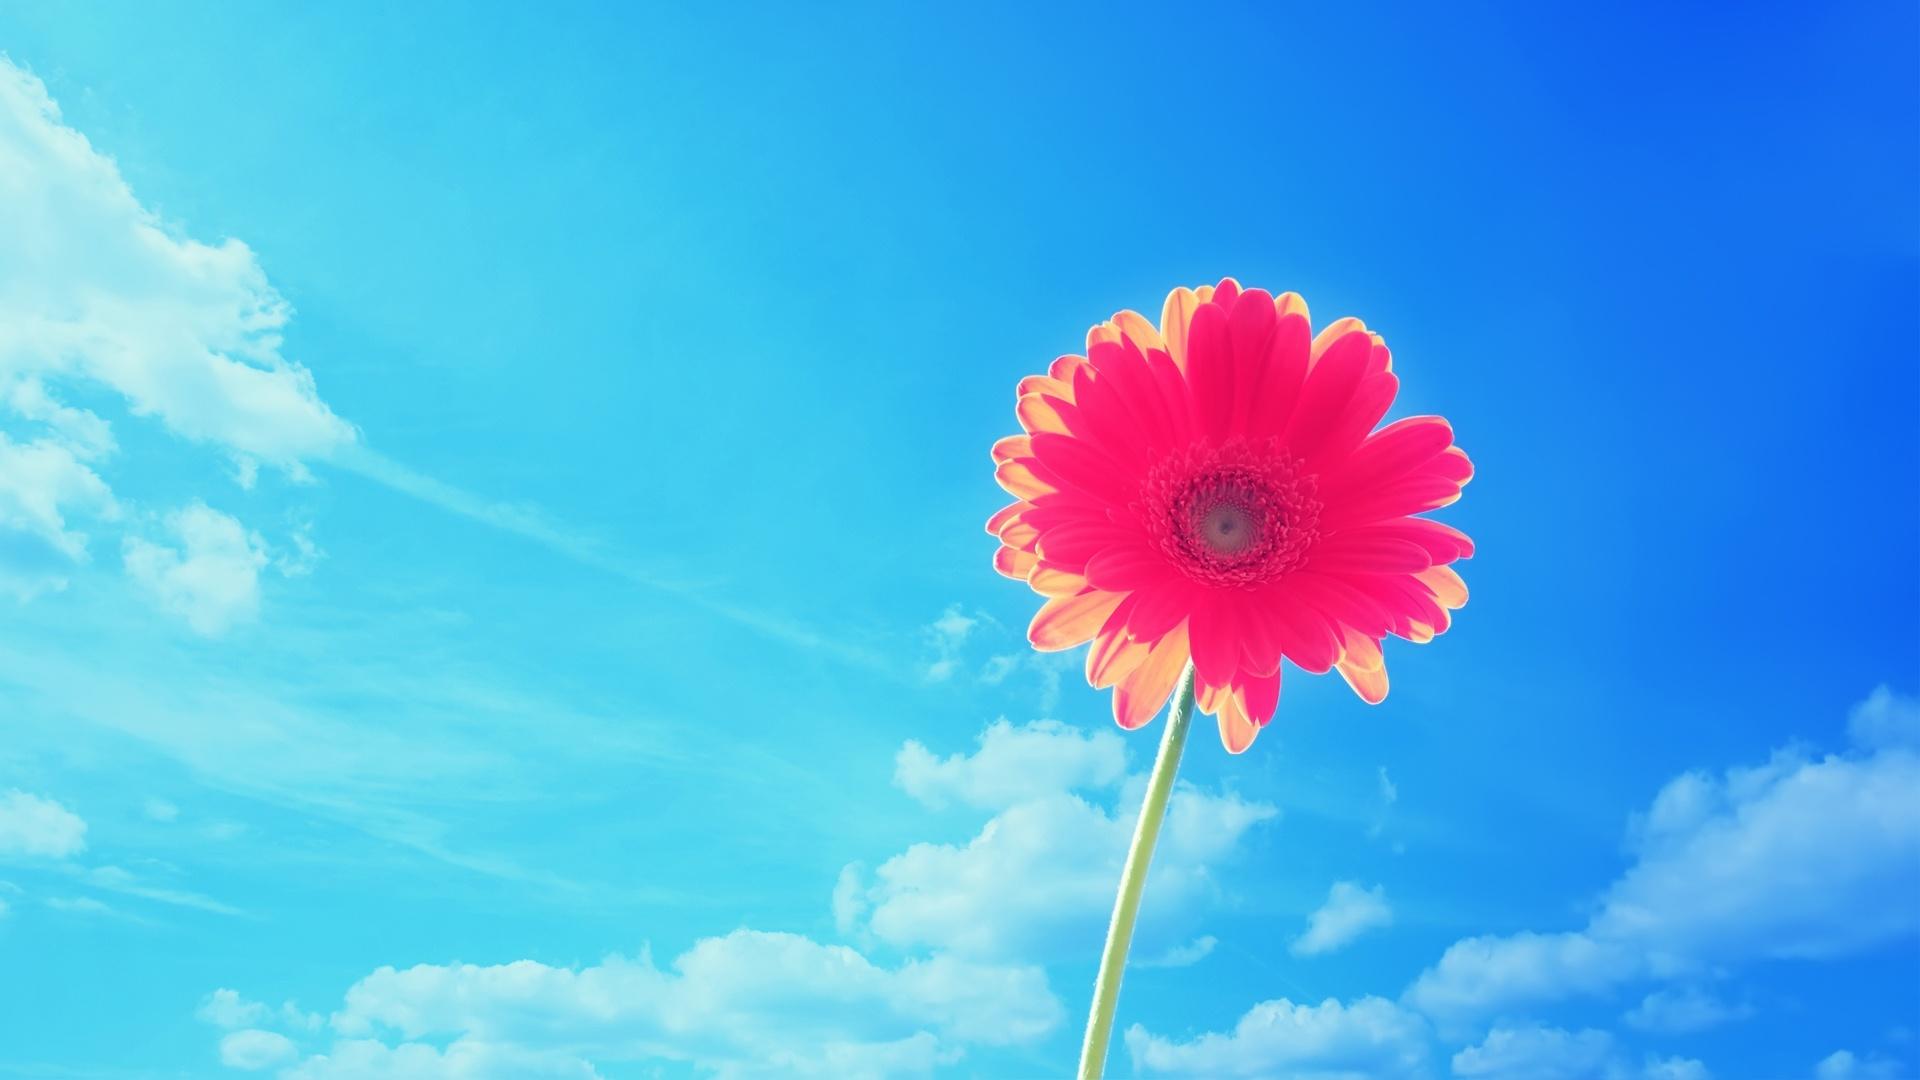 Flowers Hd Wallpaper 061